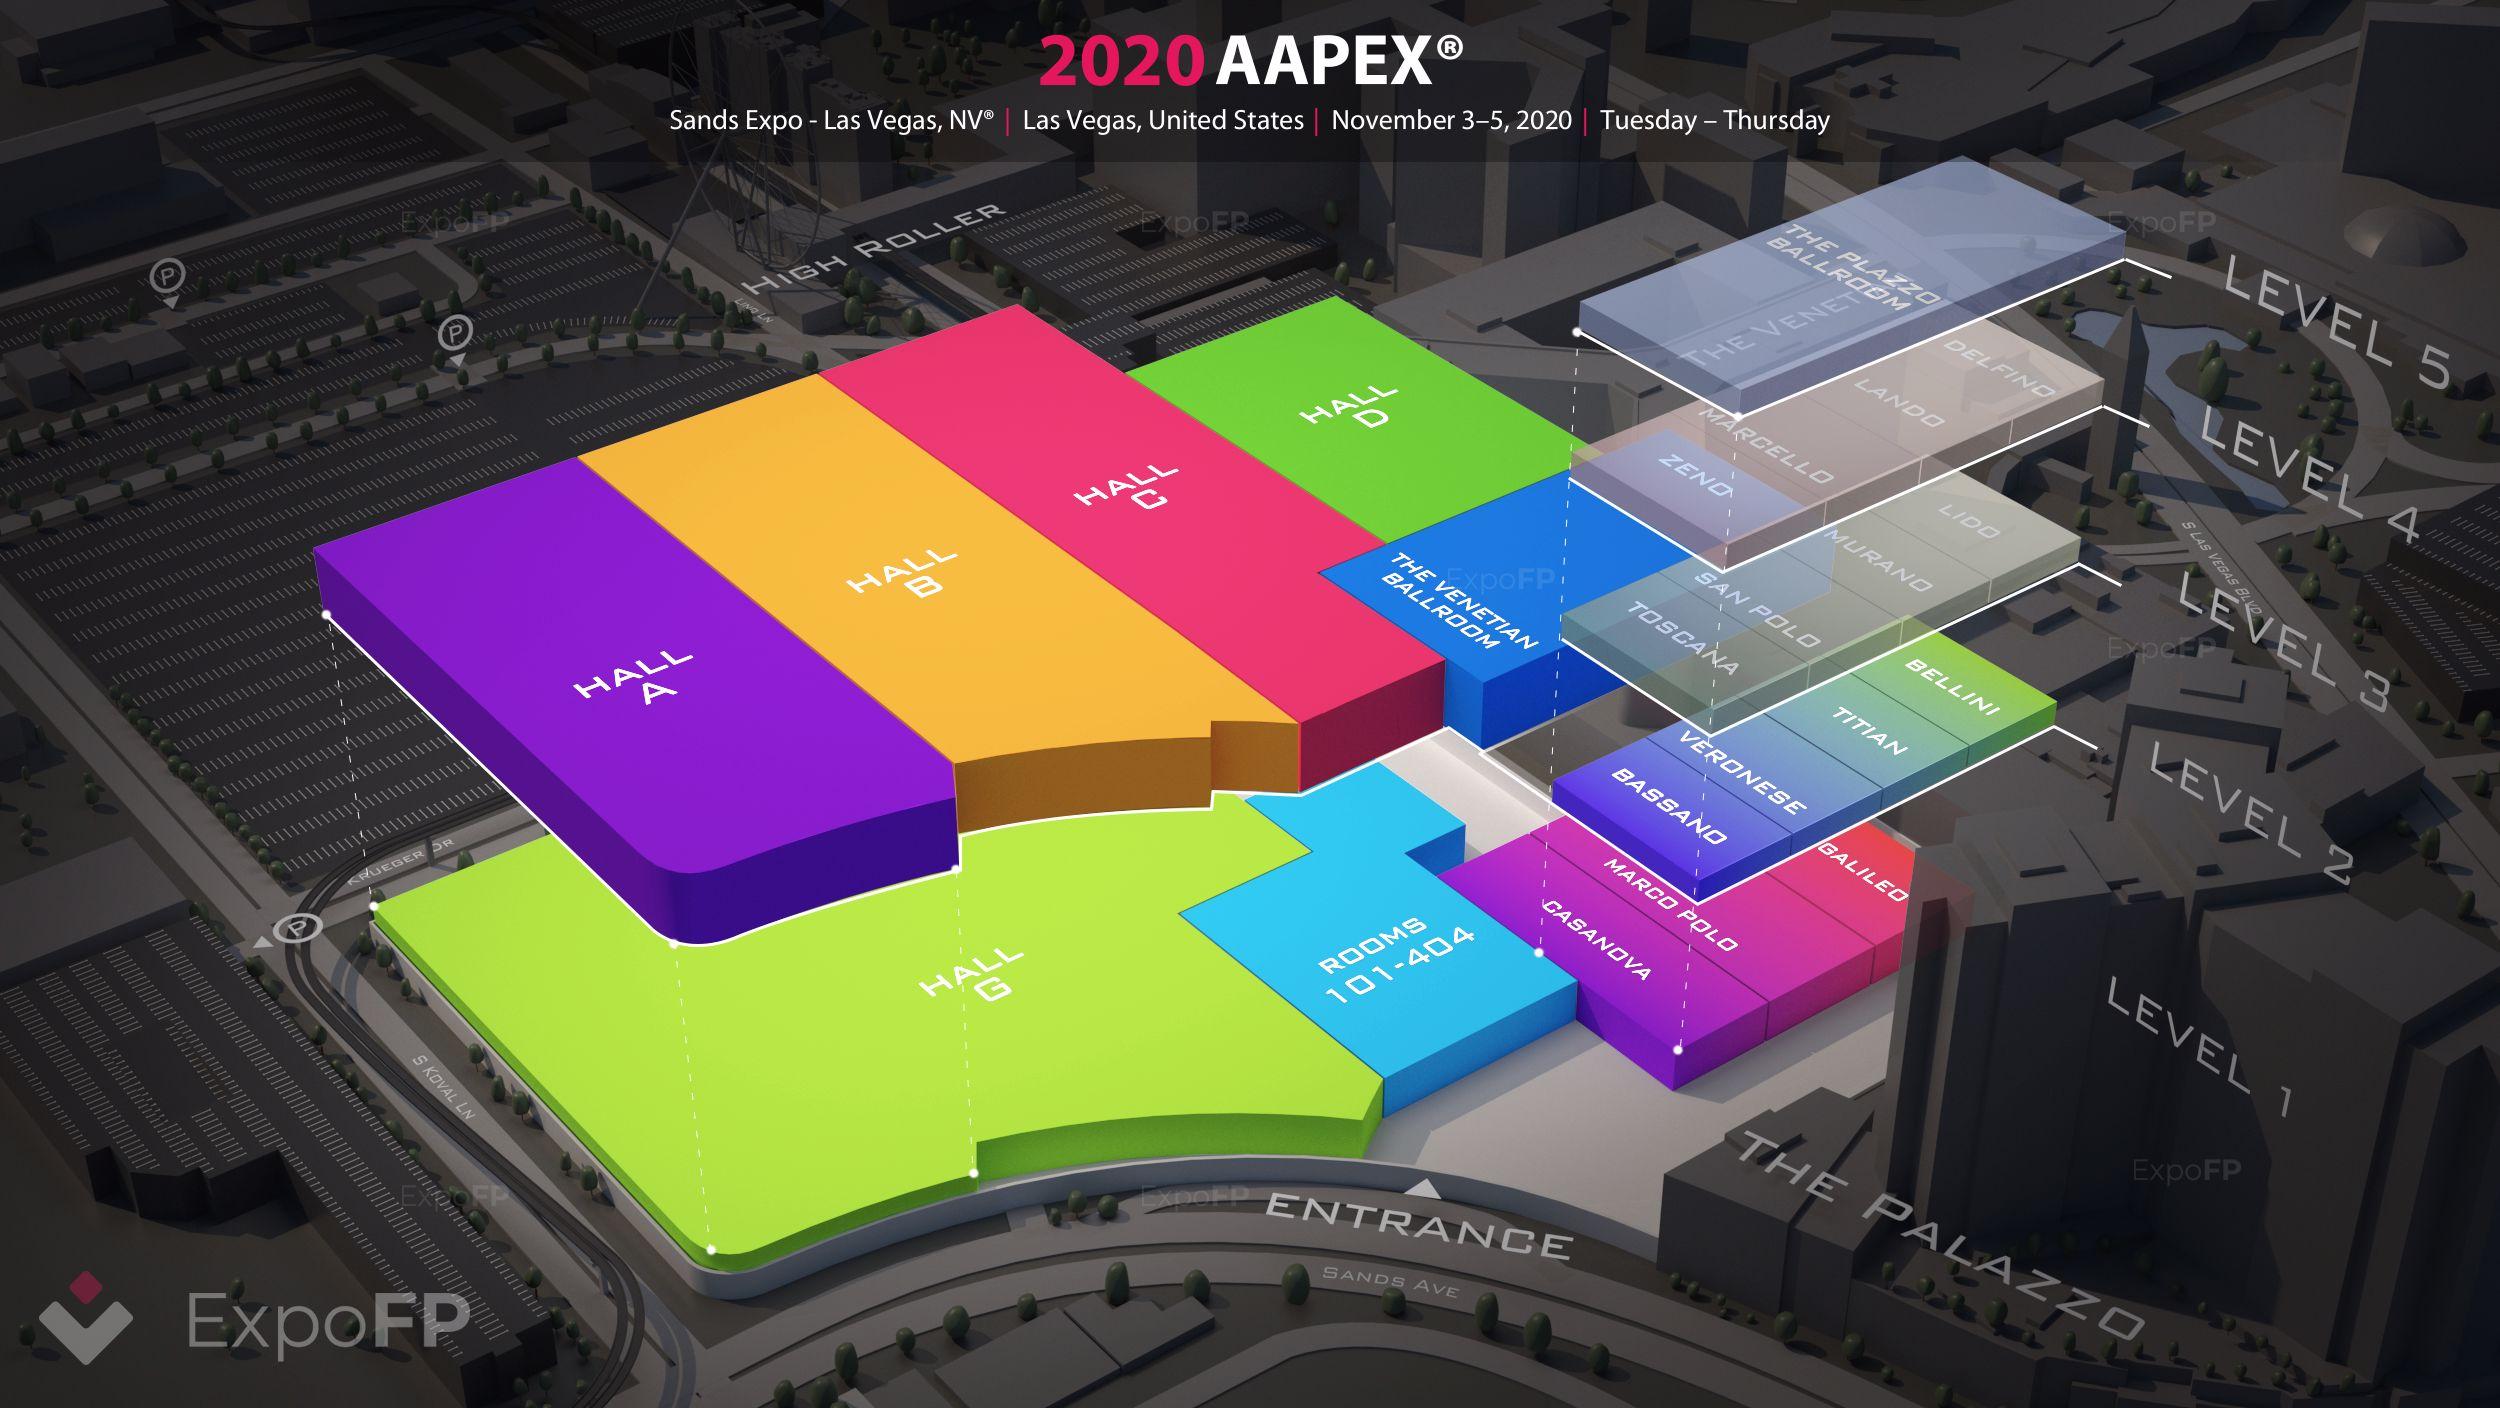 Aapex 2020 In Sands Expo Las Vegas Nv